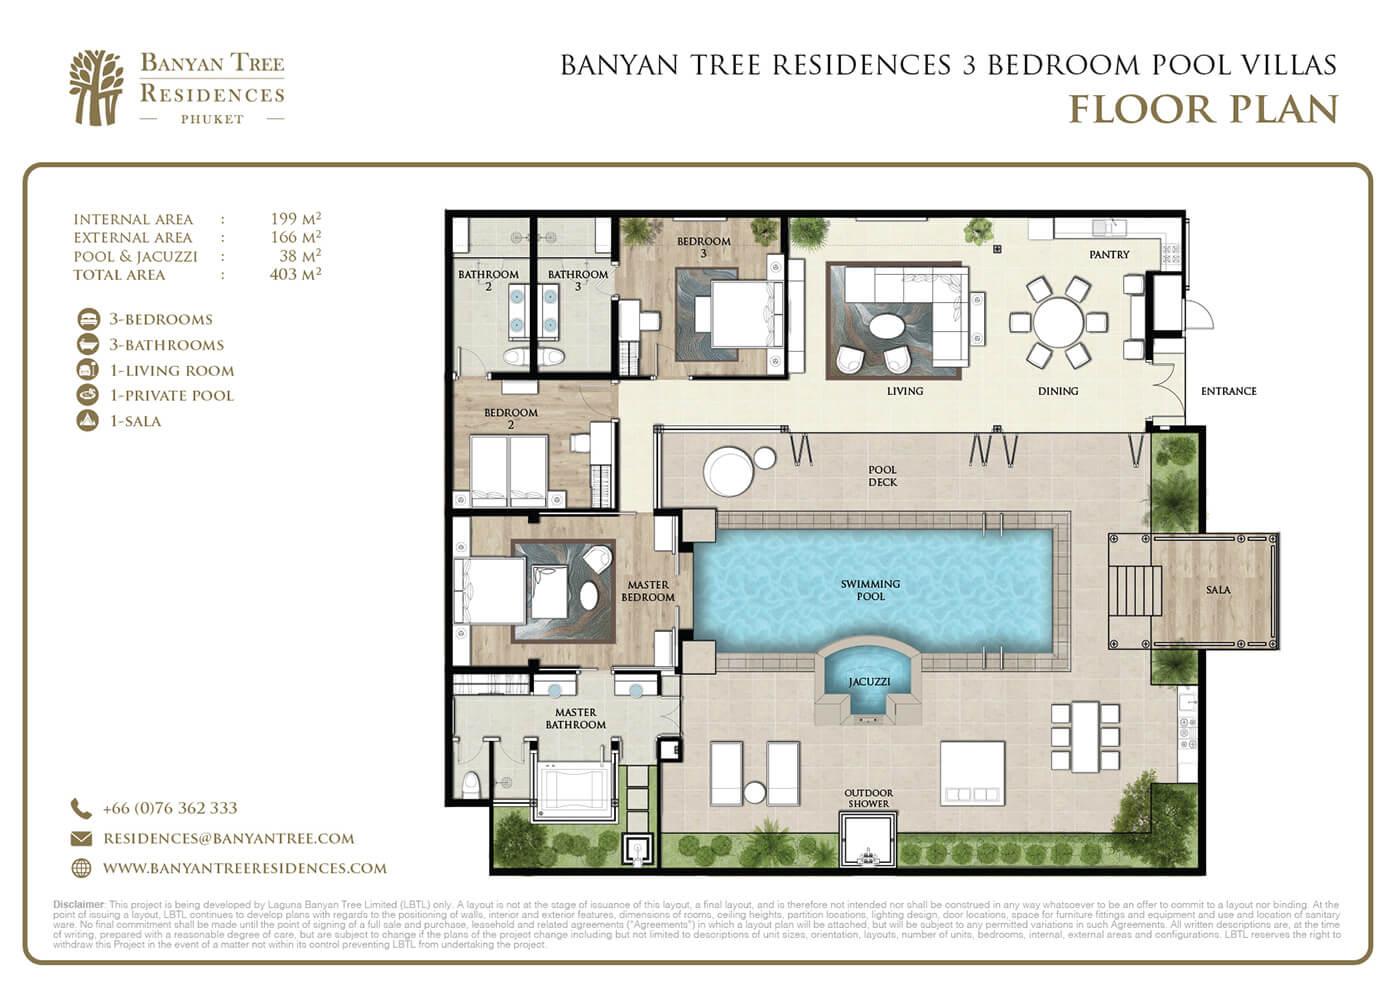 Banyan tree residences for Swimming pool floor plan